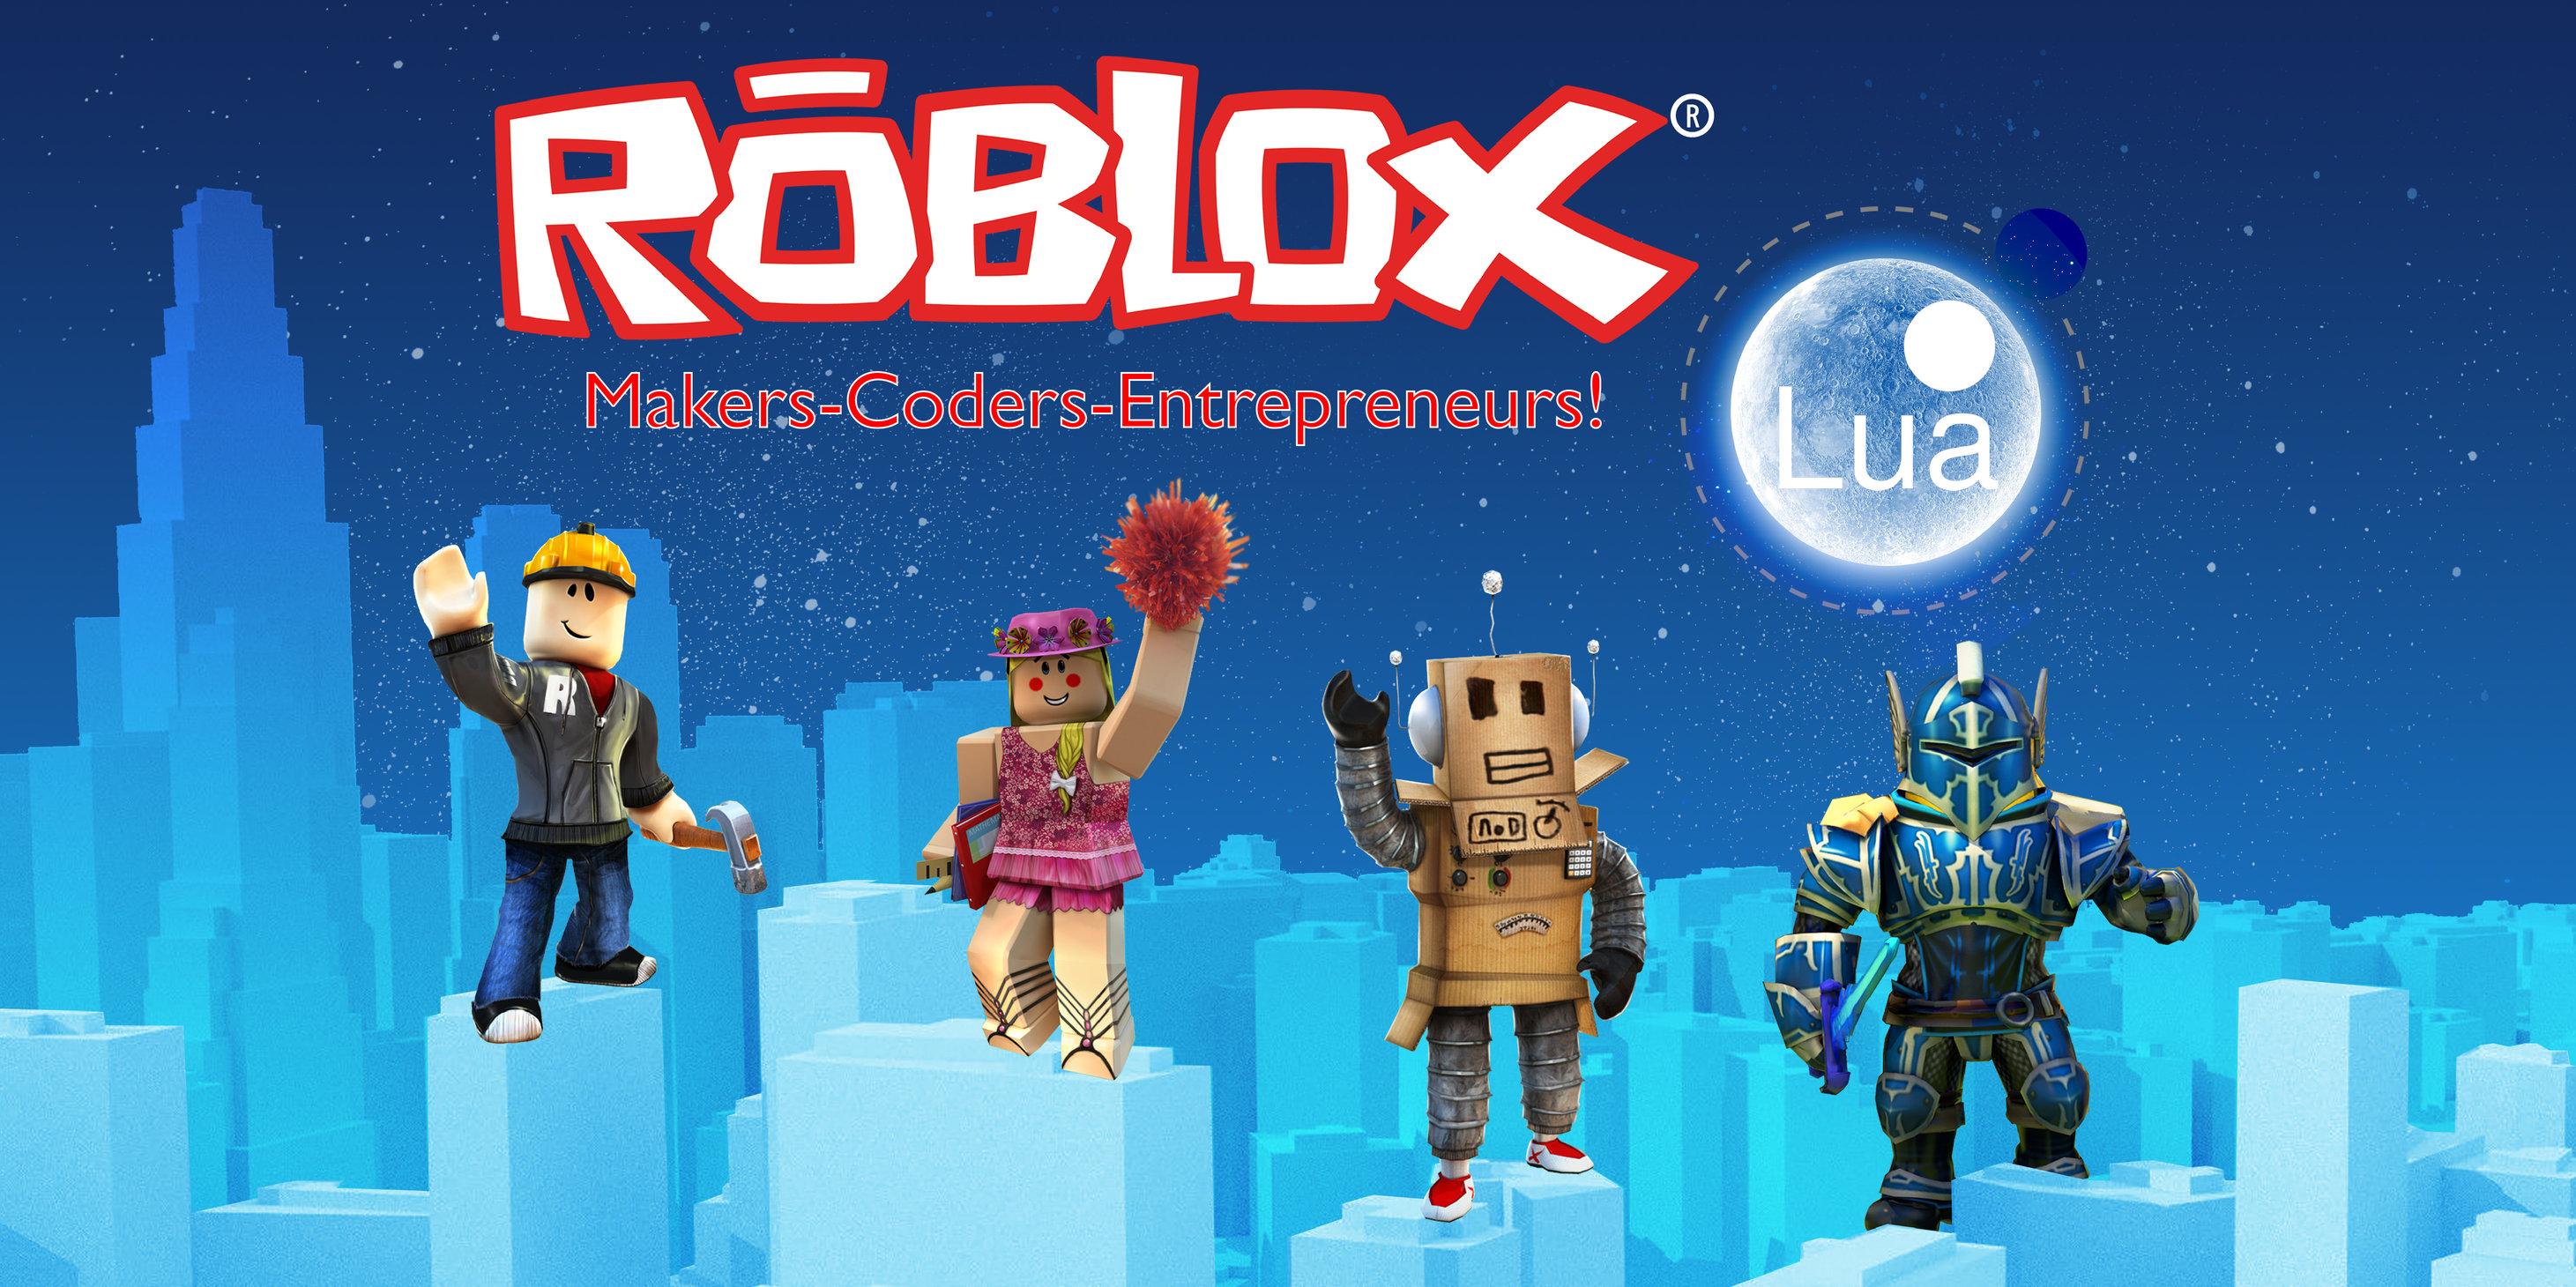 Roblox Makers-Coders-Entrepreneurs